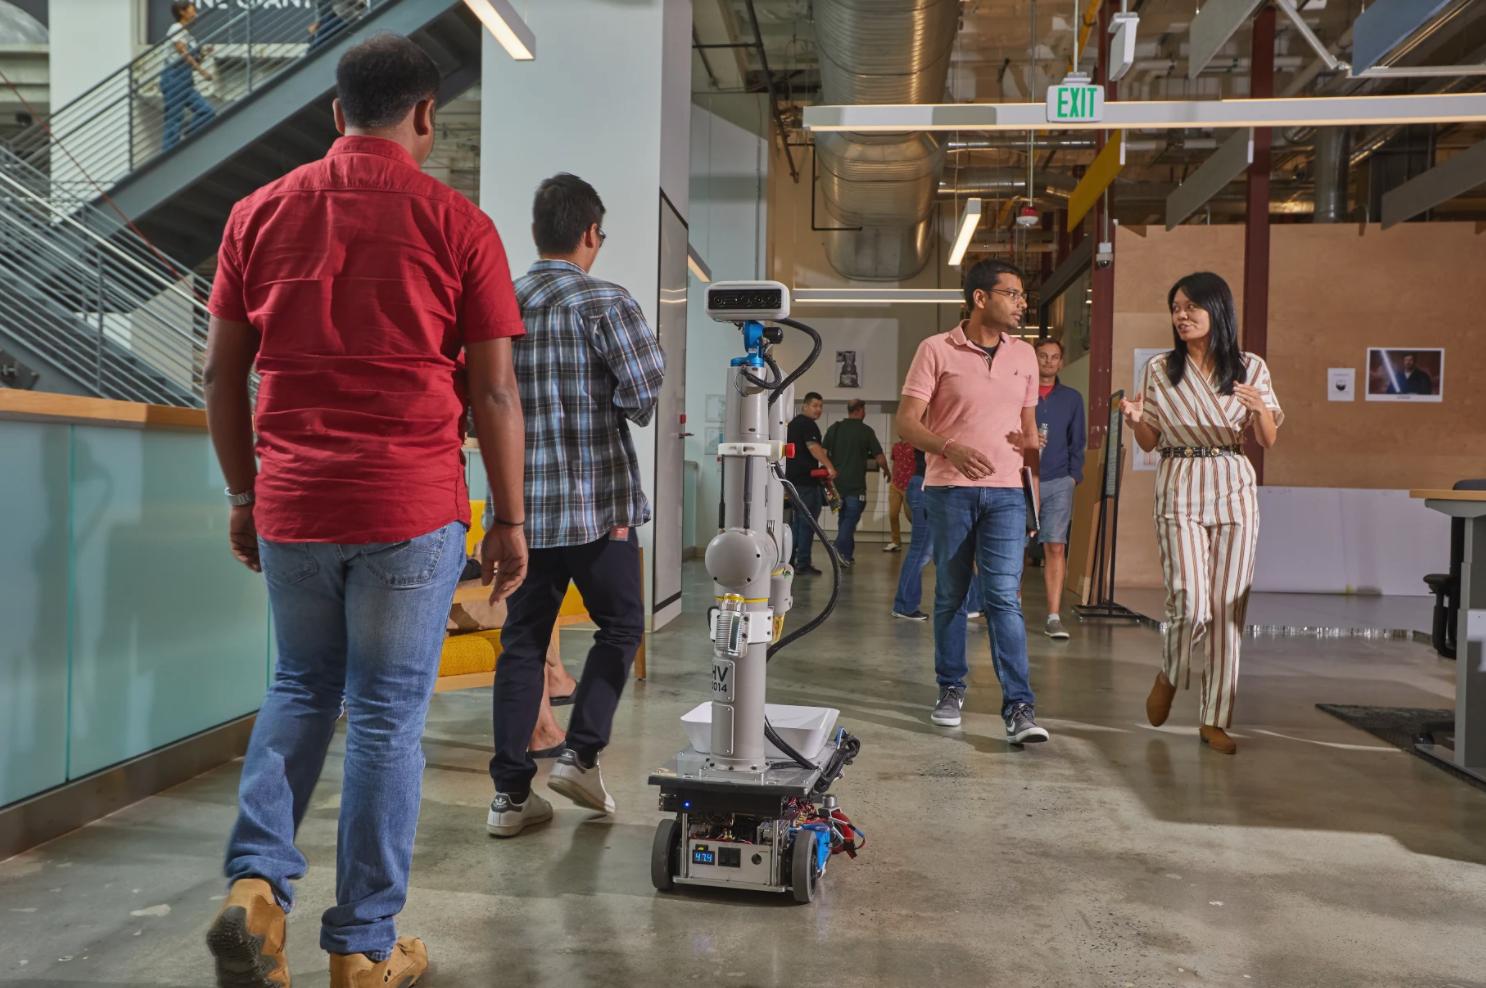 Alphabet eksperymentuje z robotami. Ten tutaj ma podobne zadania jak WALL-E 19